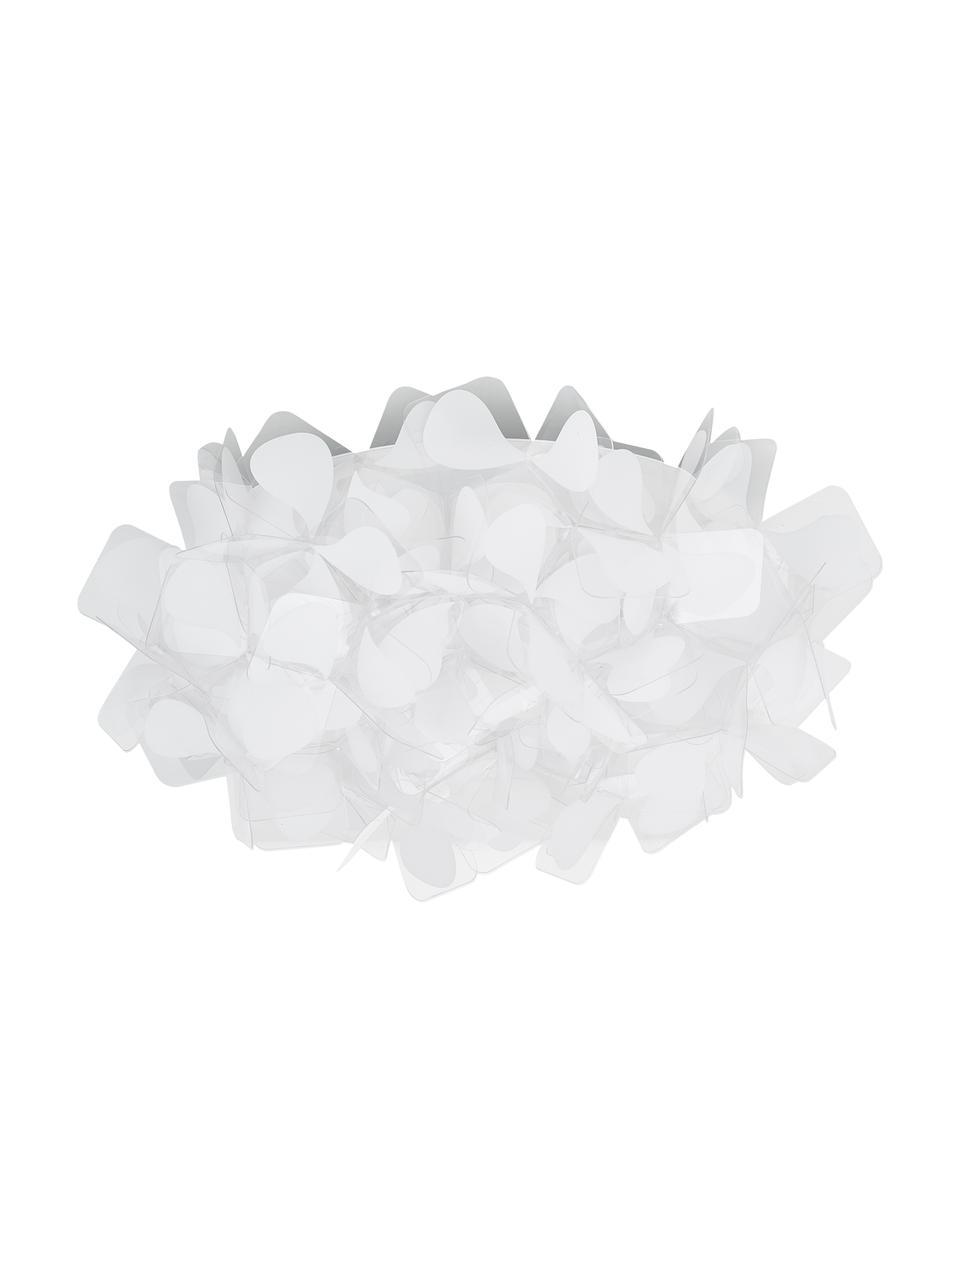 Design Deckenleuchte Clizia Mama aus Kunststoff, Lampenschirm: Technopolymer Opalflex®, Weiß, Grau, Ø 53 x H 20 cm